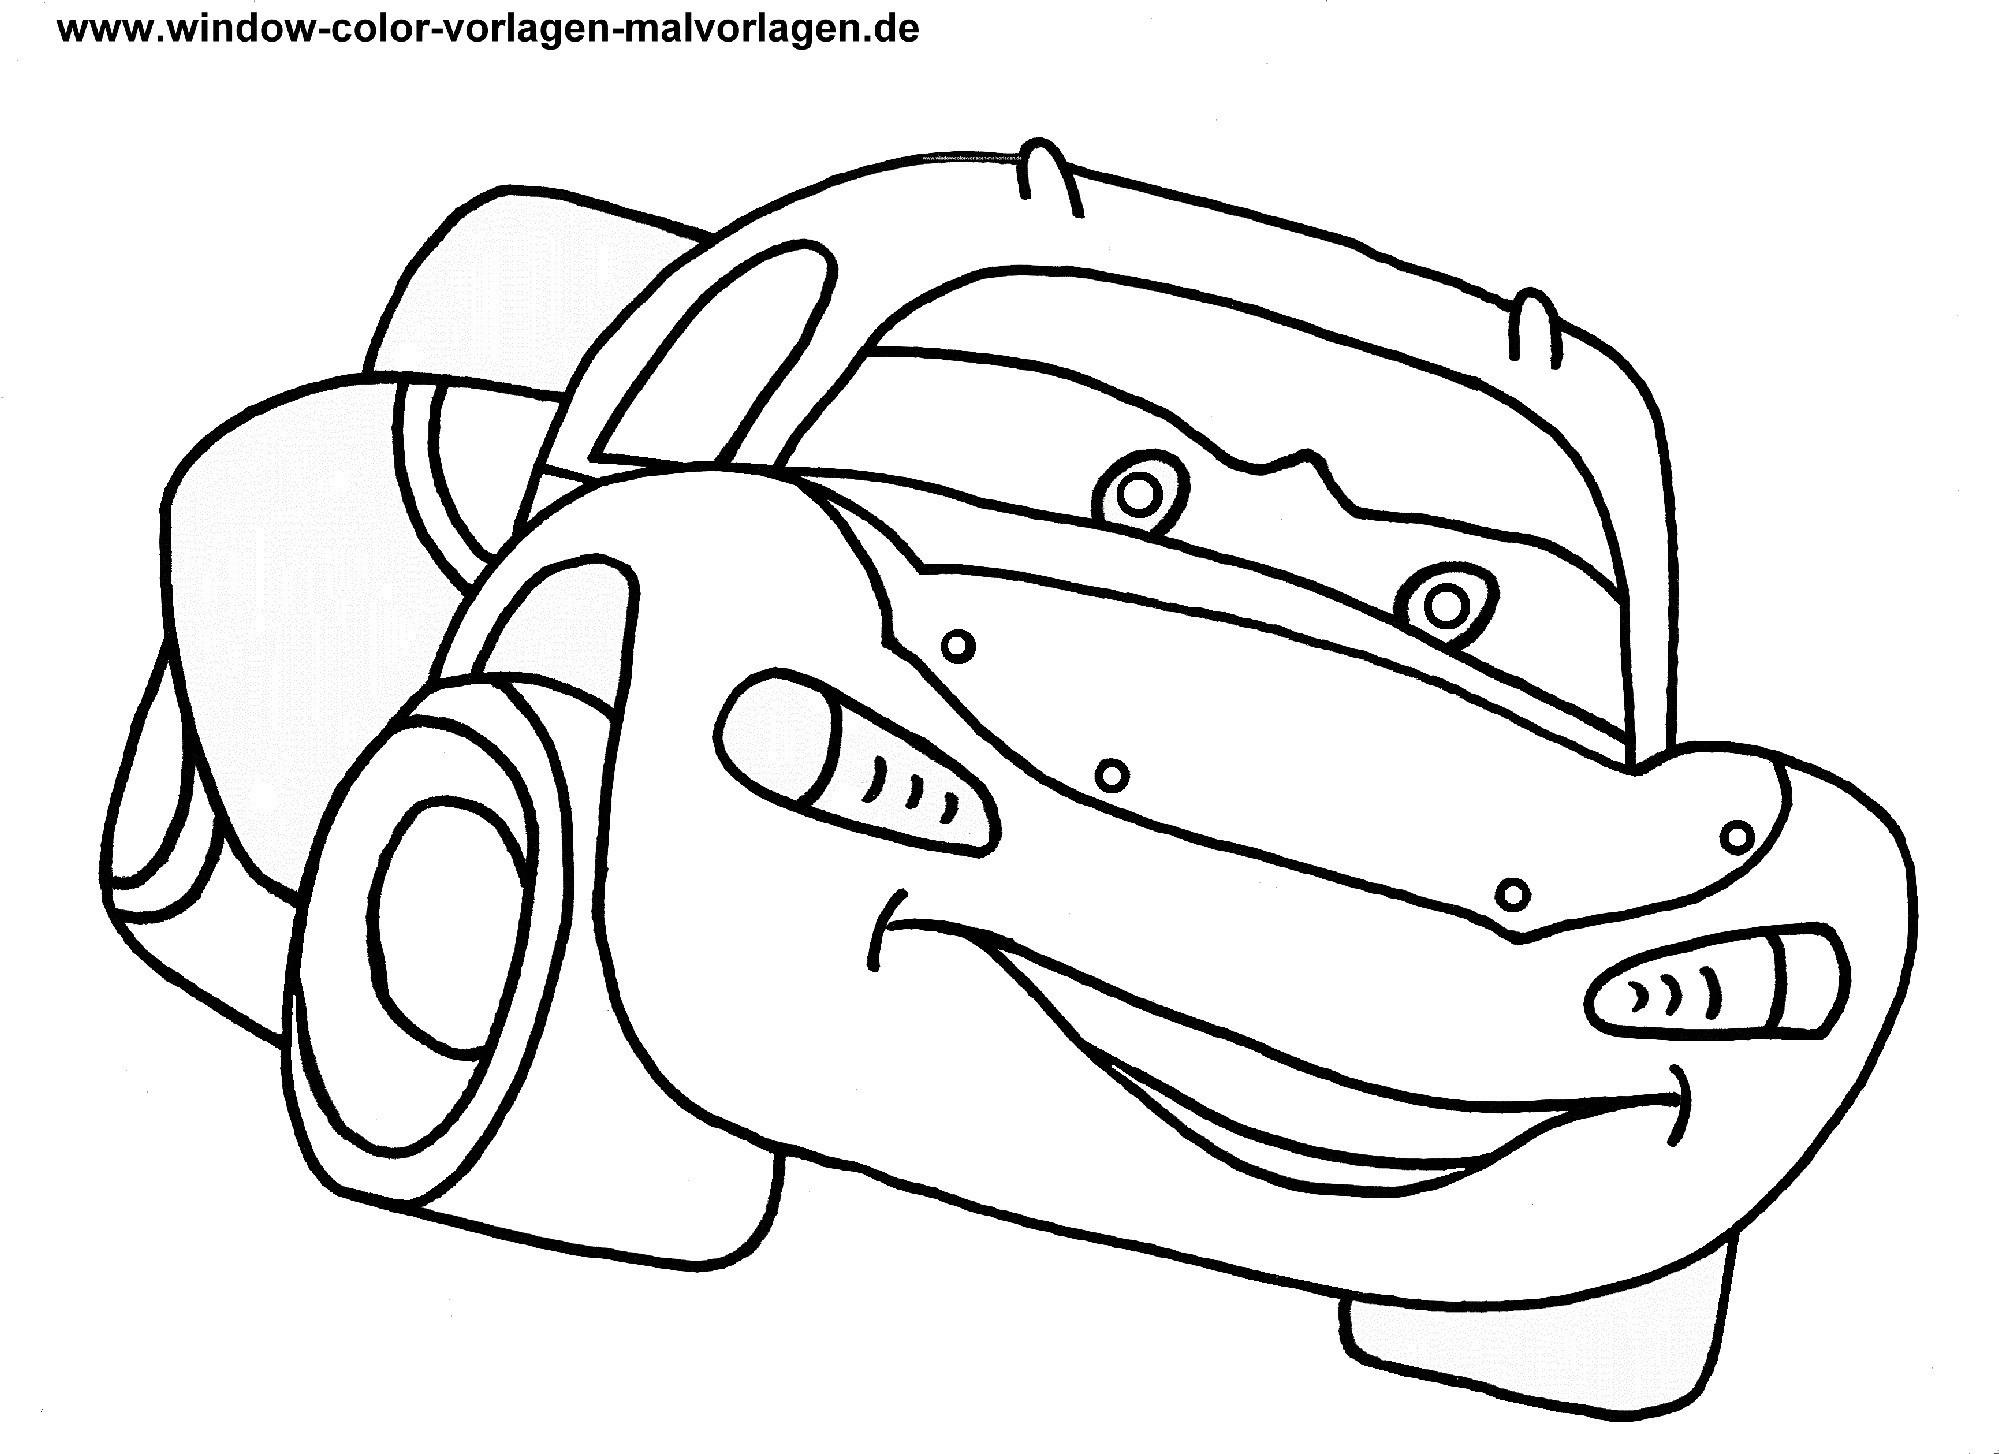 Ausmalbilder Autos Porsche Frisch 40 Traktor Malvorlagen forstergallery Bild